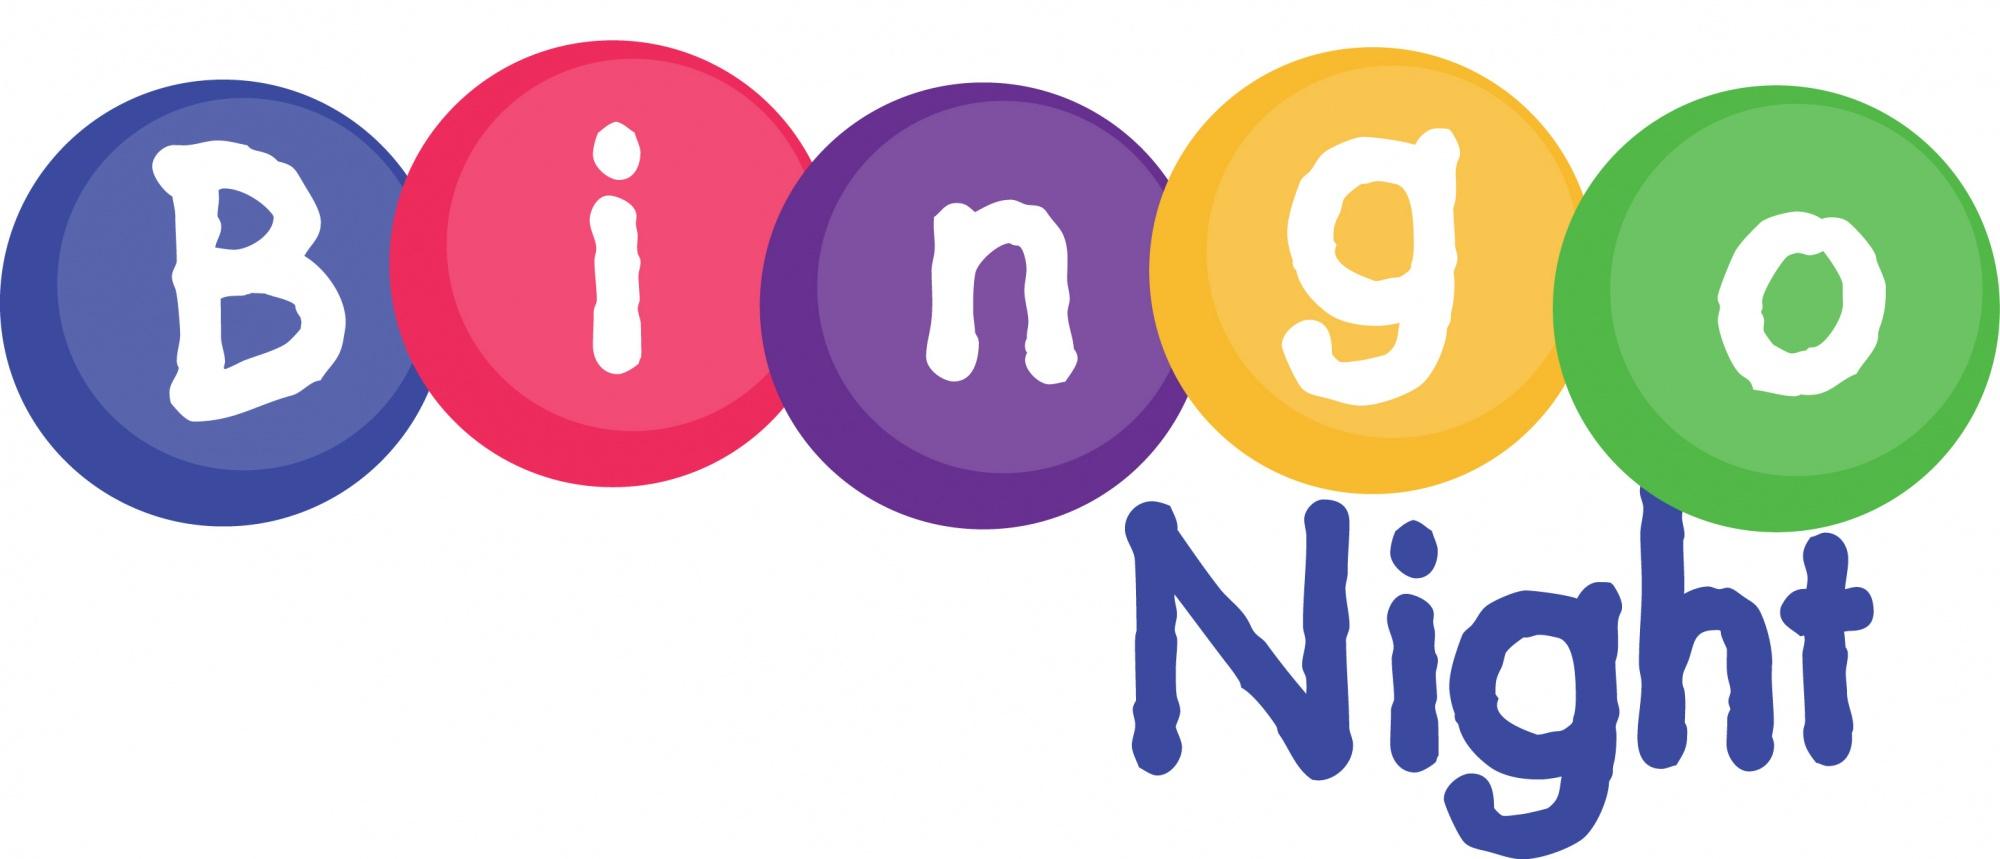 Family Bingo Night October 17 3